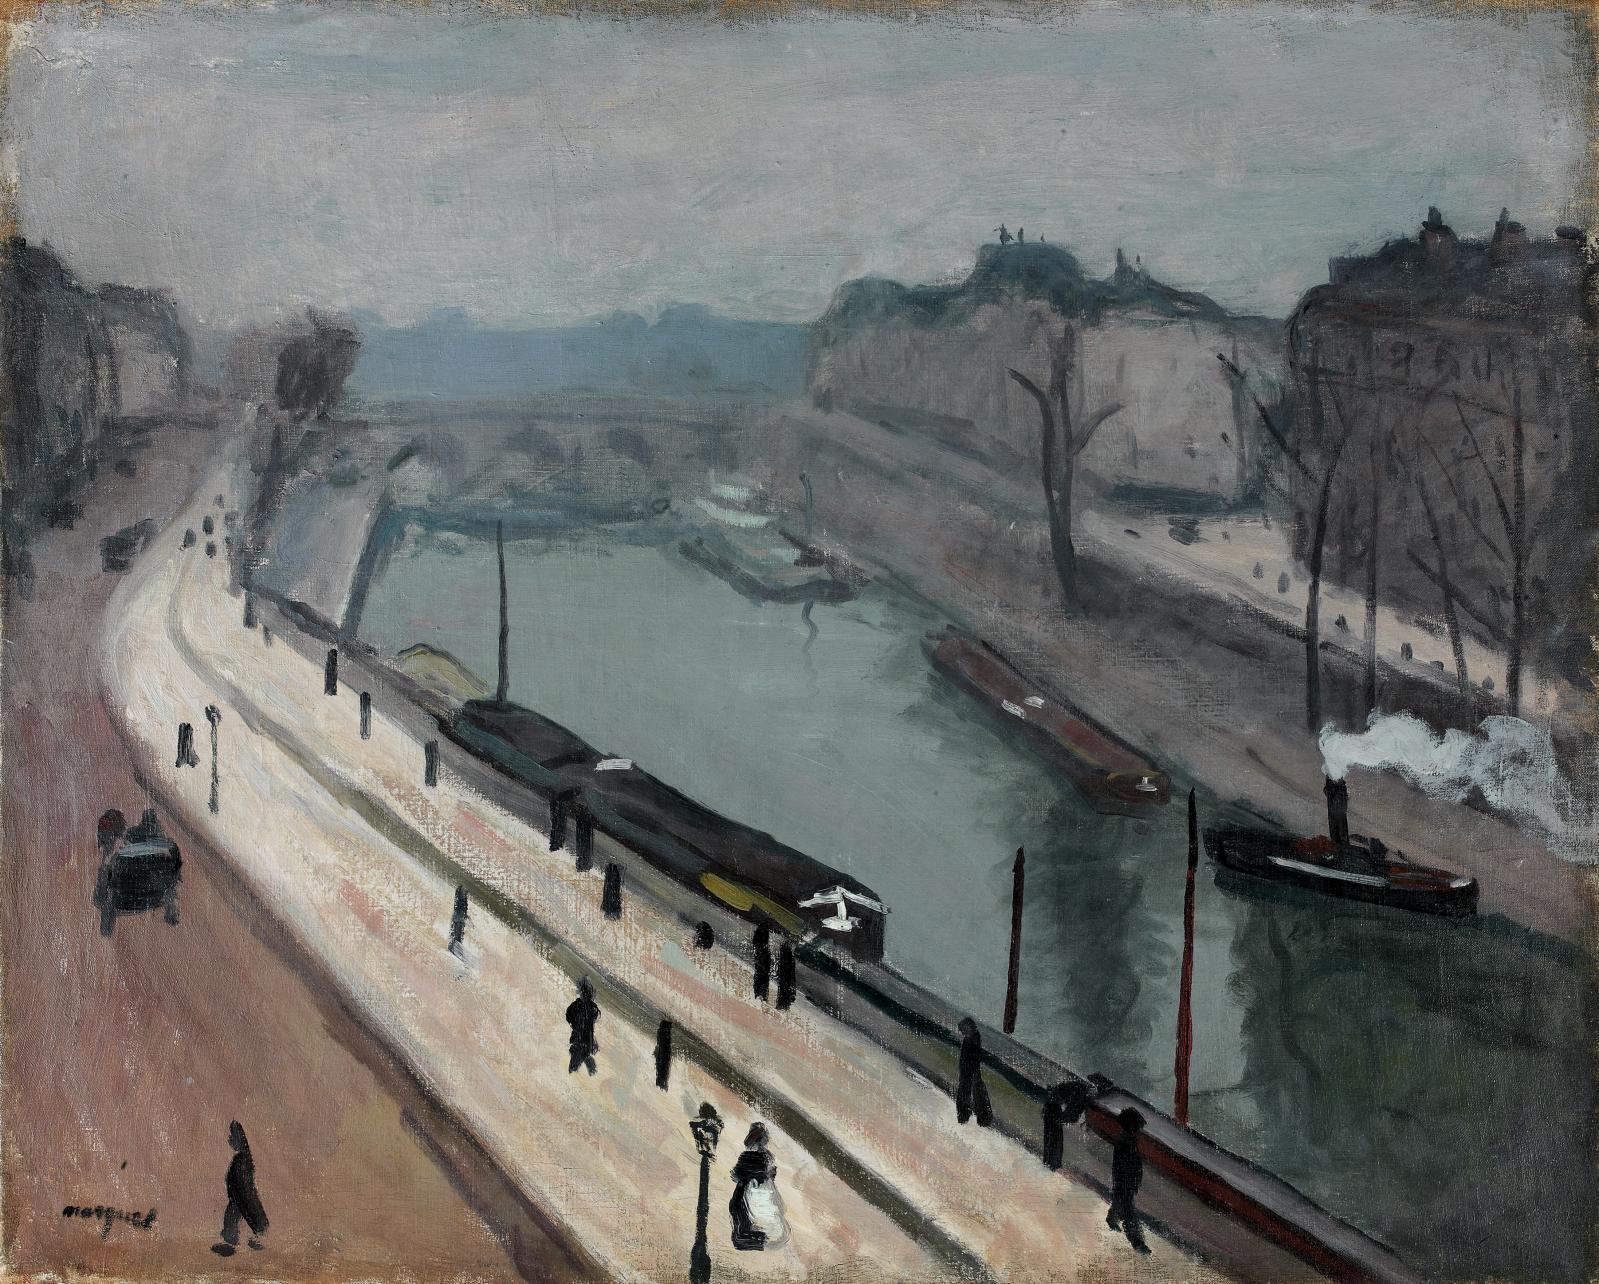 Paris, quai des Grands-Augustins, huile sur toile, 64,5x80,5cm (détail). Paris, Drouot-Richelieu, 19mars 2010, PiasaOVV. Succession Daniel Carass